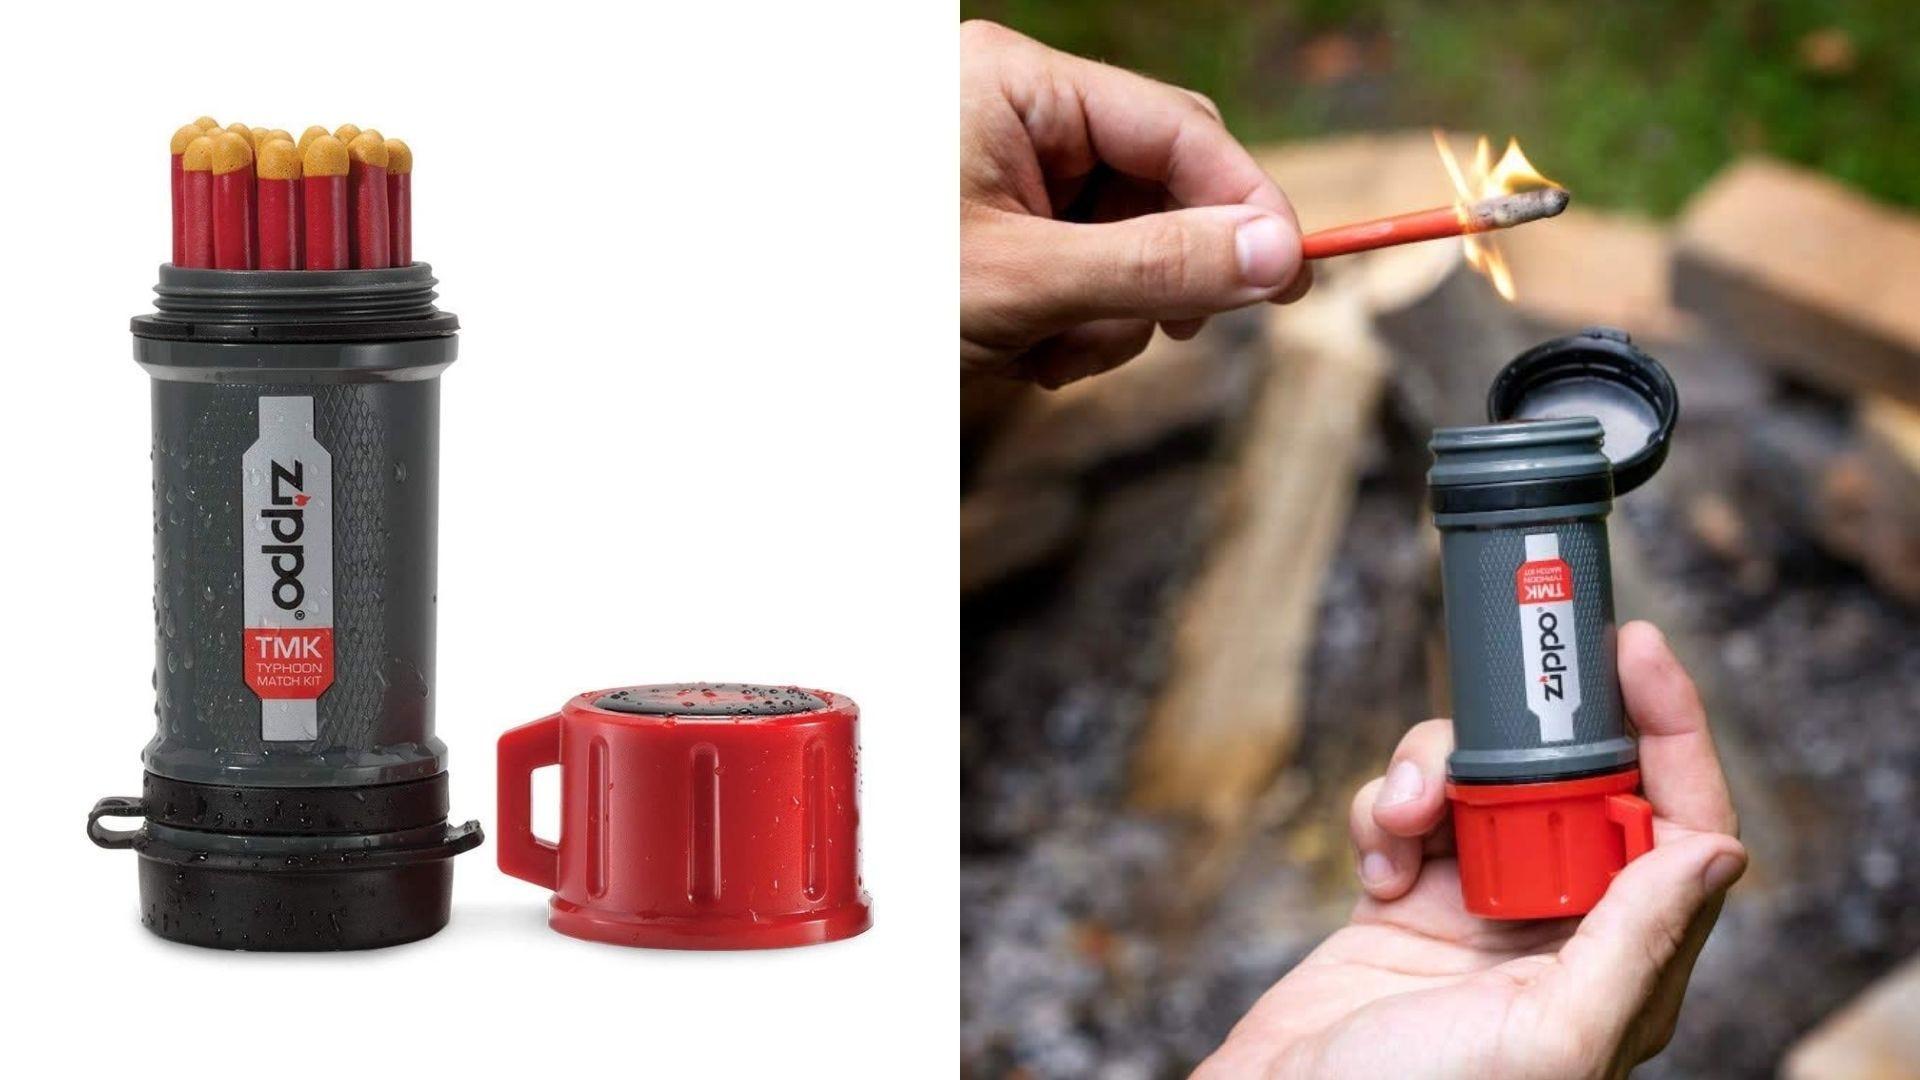 A waterproof match kit and someone lights a match